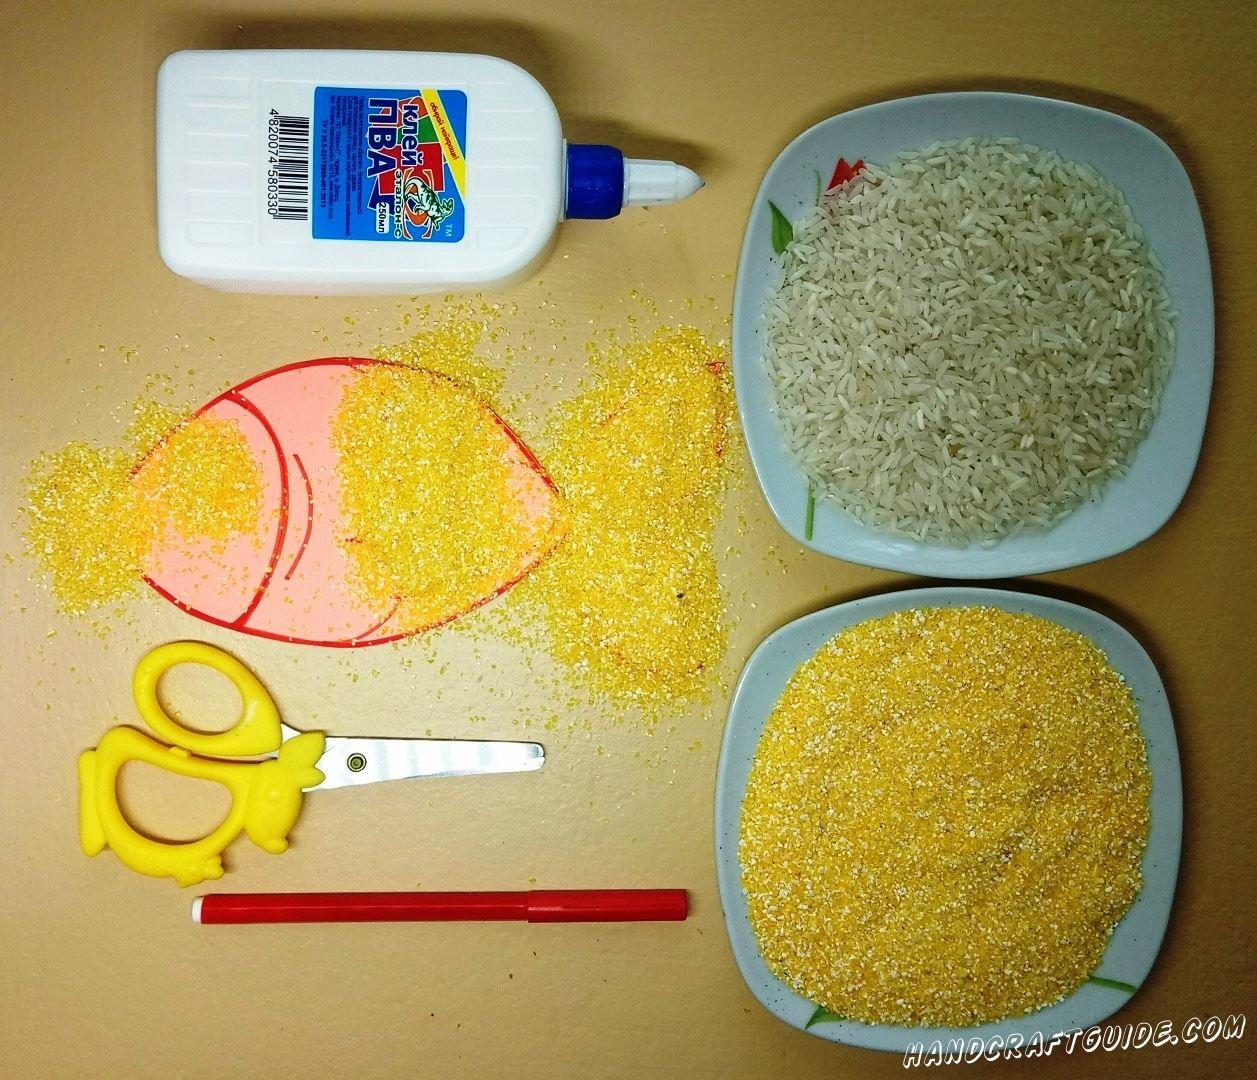 аппликация рыбки из пшена и риса